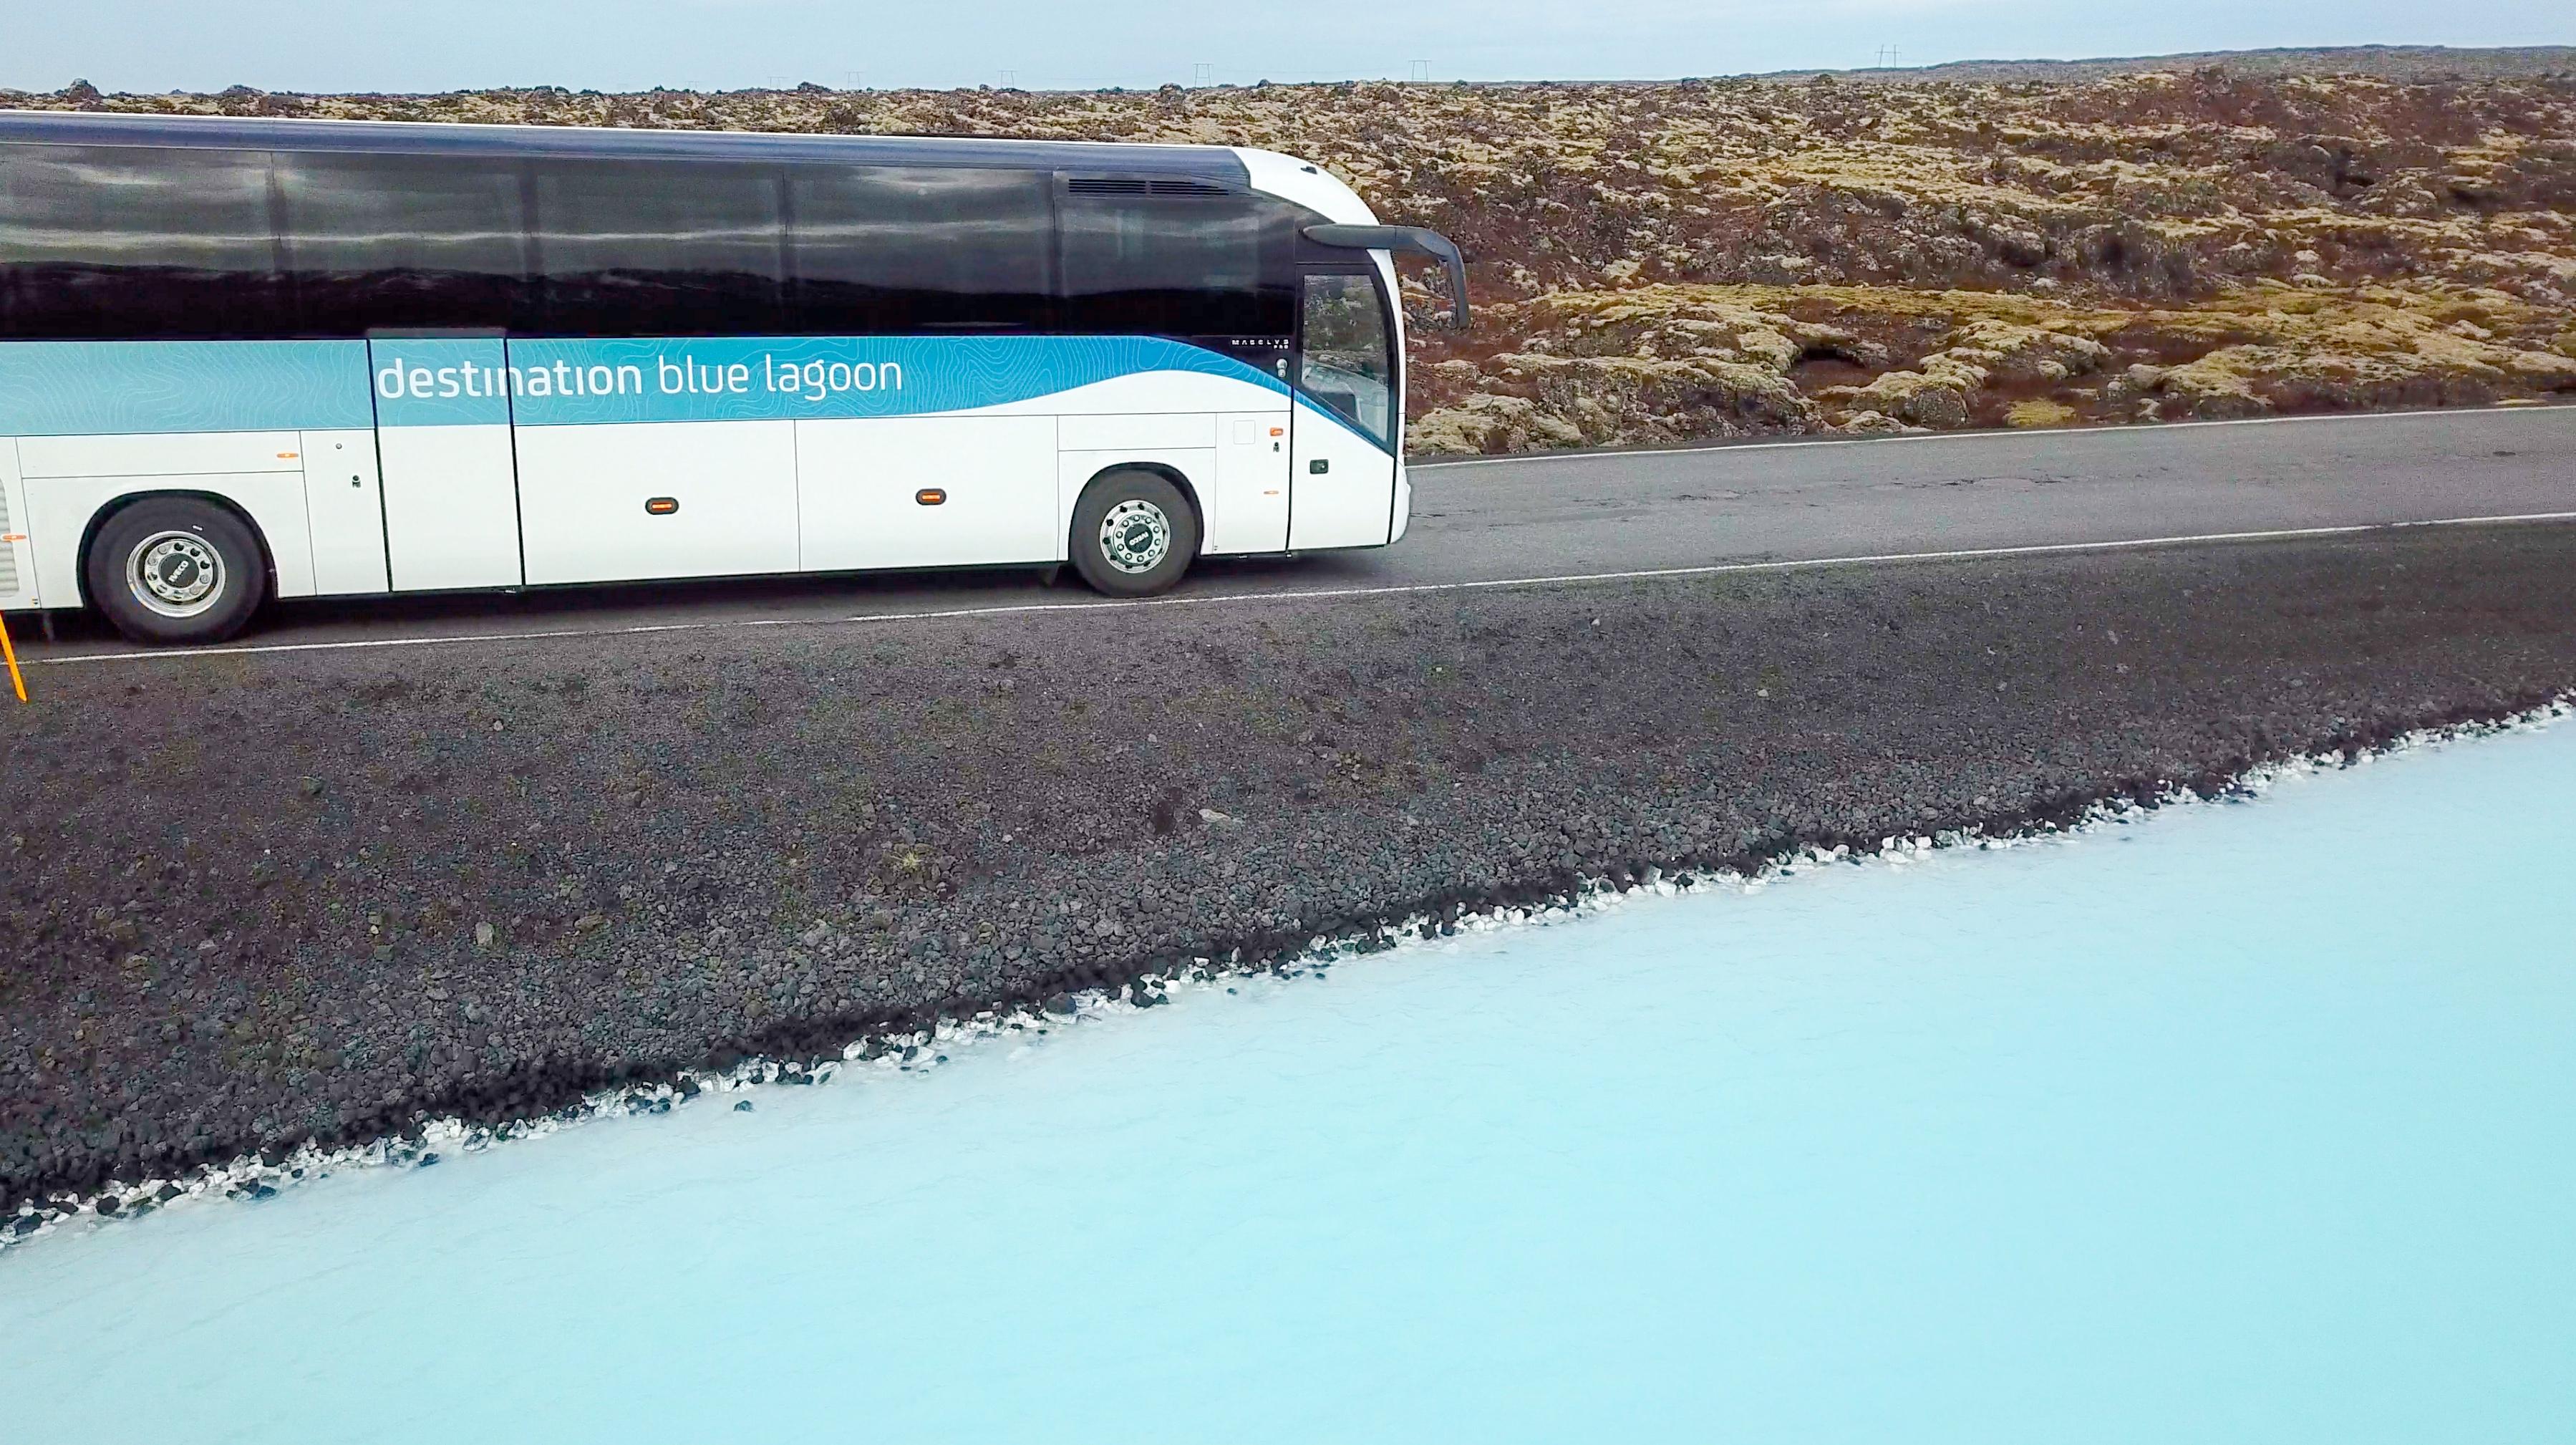 เมืองเหลวงเรคยาวิก แห่งประเทศไอซ์แลนด์ เป็นเมืองหลวงที่อยู่เหนือที่สุดในประเทศไอซ์แลนด์